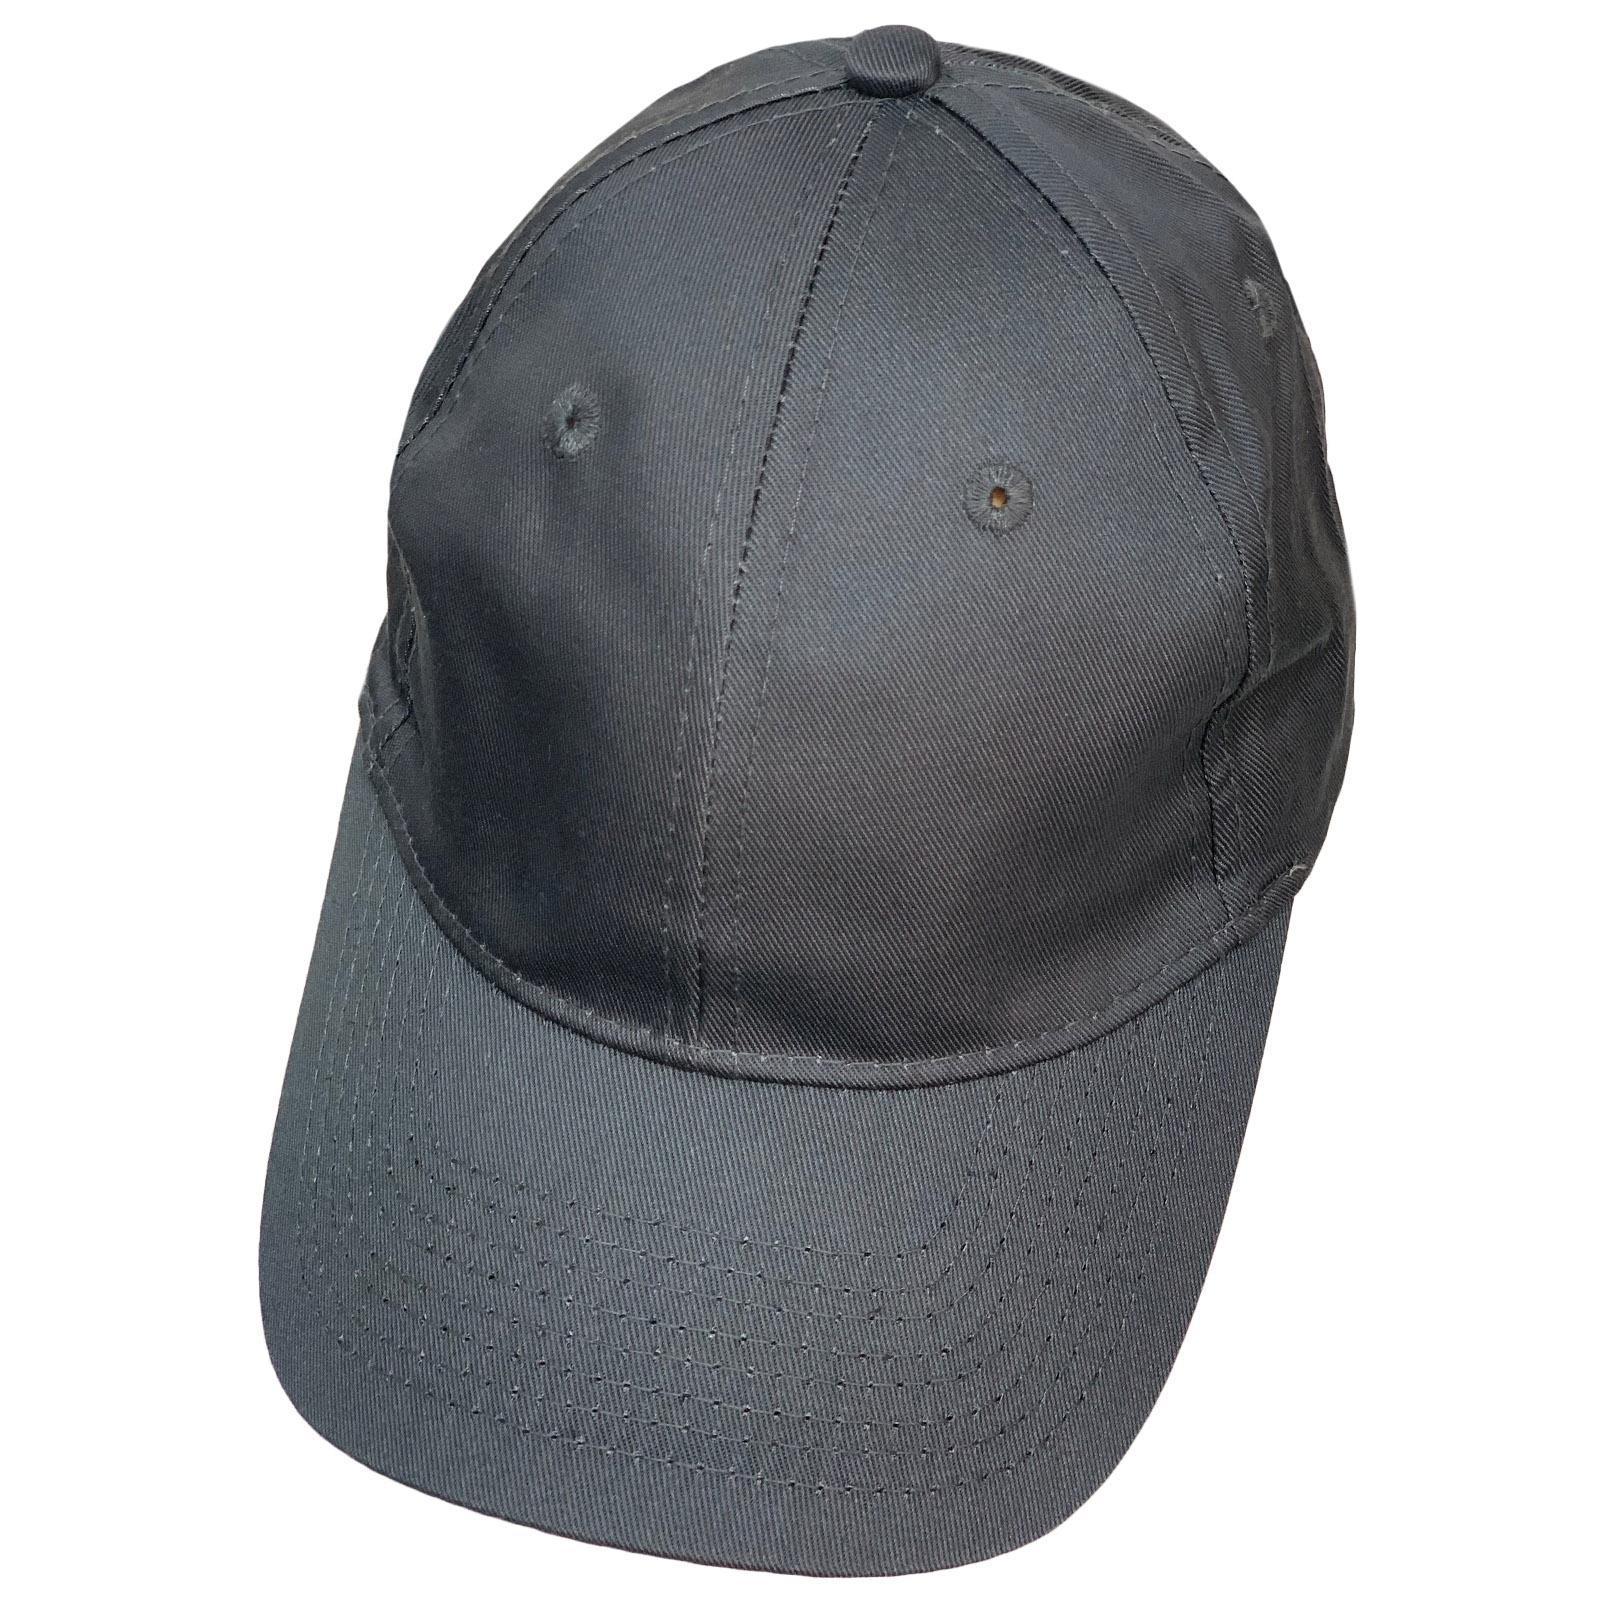 Бейсболка темно-серого цвета с жемчужным отливом